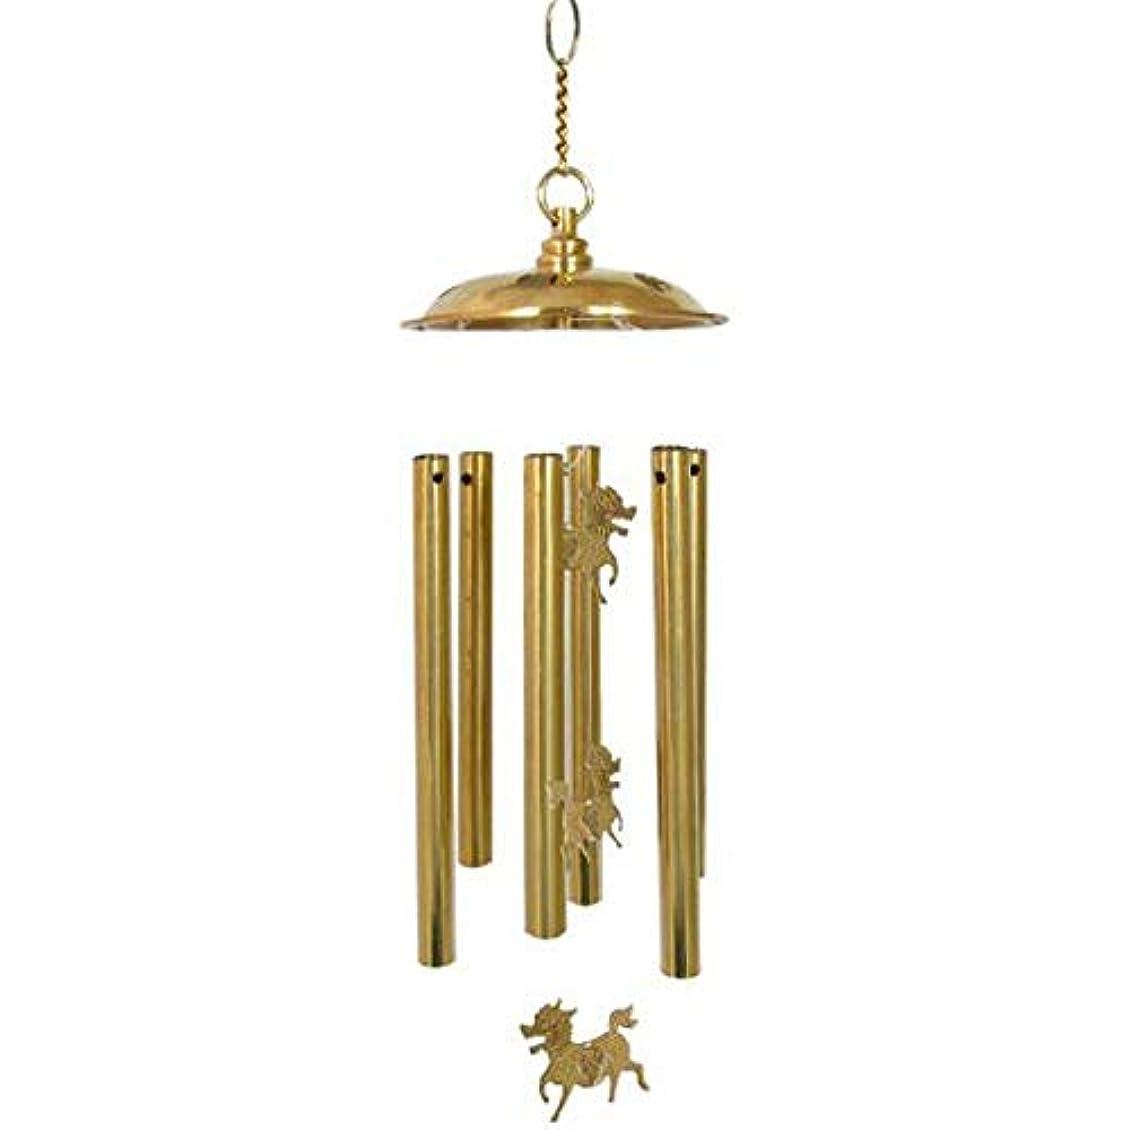 本能秘書六月Hongyuantongxun 風チャイム、ホーム銅風チャイム、ゴールド、全身について48センチメートル,、装飾品ペンダント